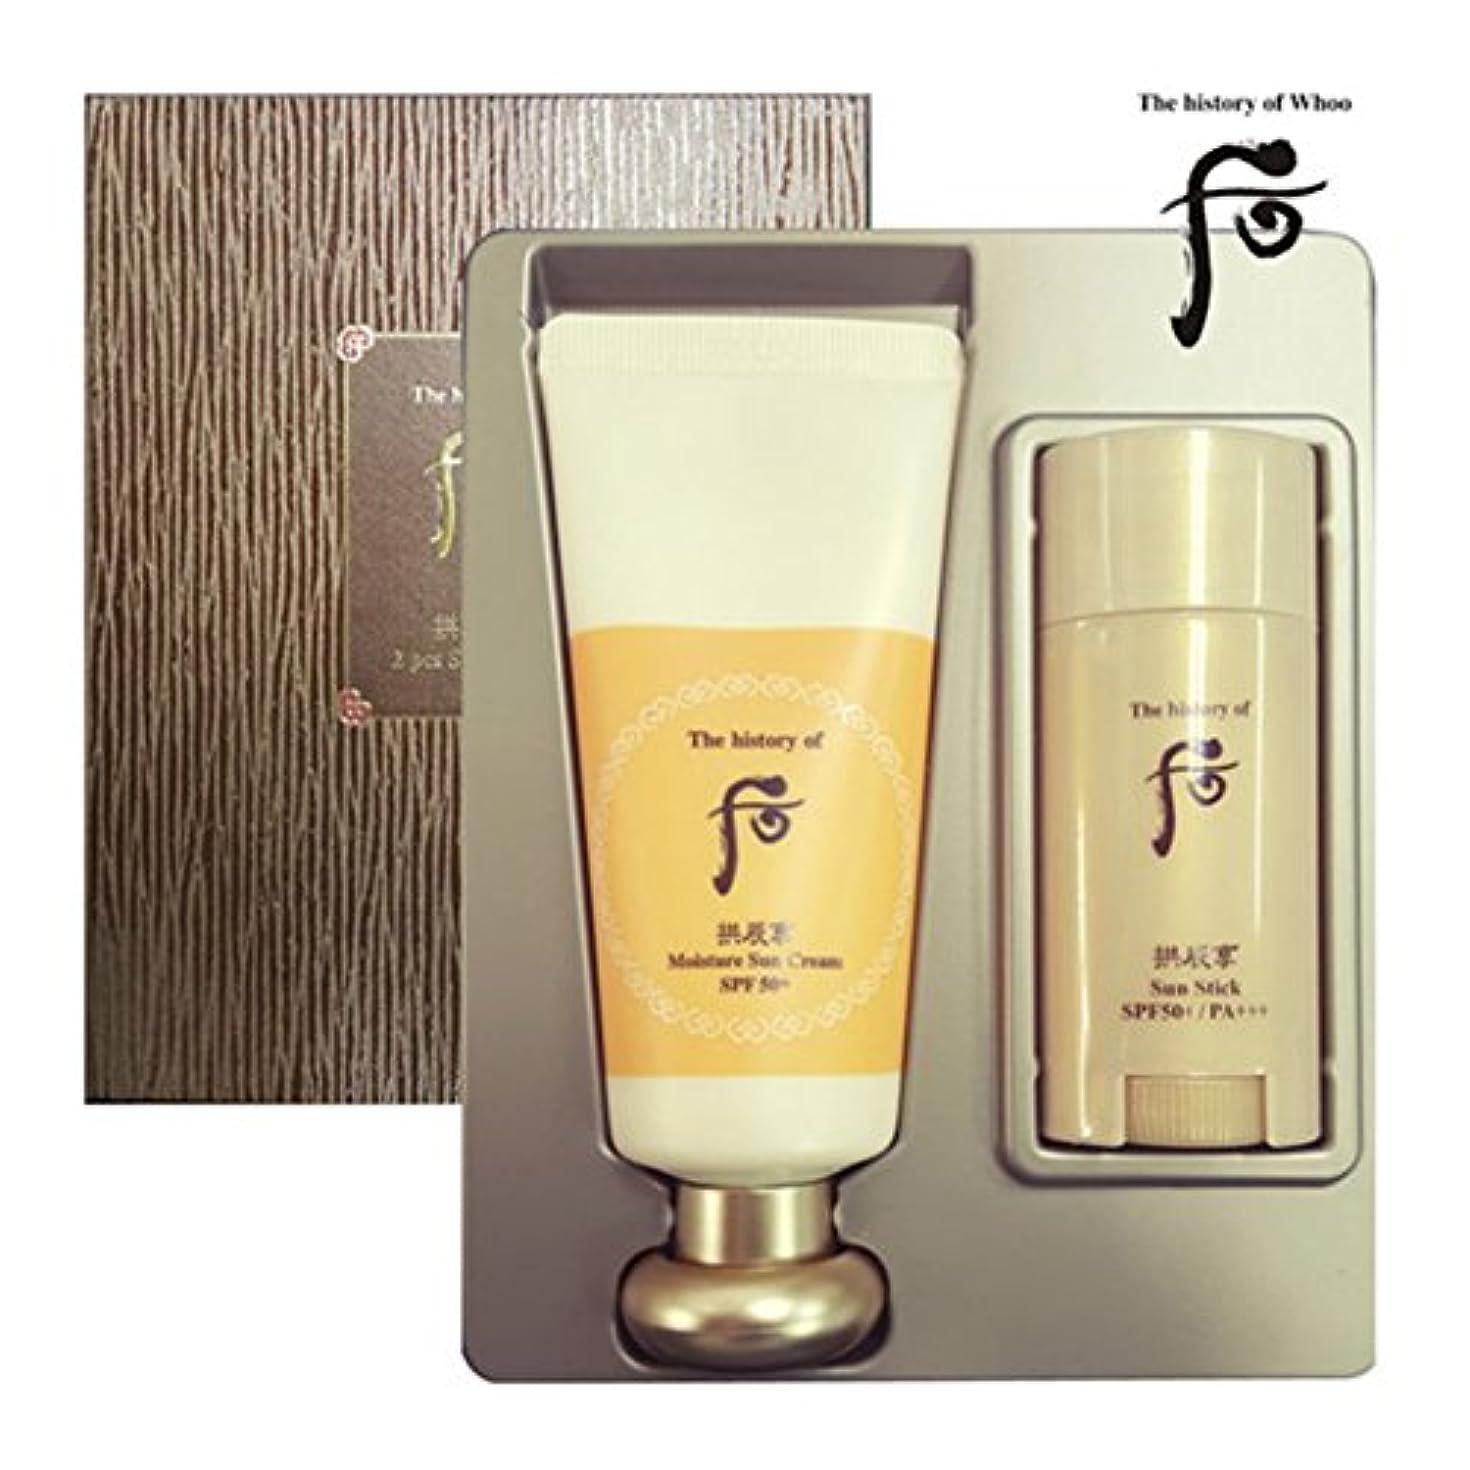 重量熟したエンティティ【フー/The history of whoo] Whoo 后 Jin Hae Yoon Sun Cream and Sun Stick Special Set/后(フー) ゴンジンヒャン ジン ヘユン サンクリーム&サンスティック2種セット [SPF50+/PA+++] + [Sample Gift](海外直送品)